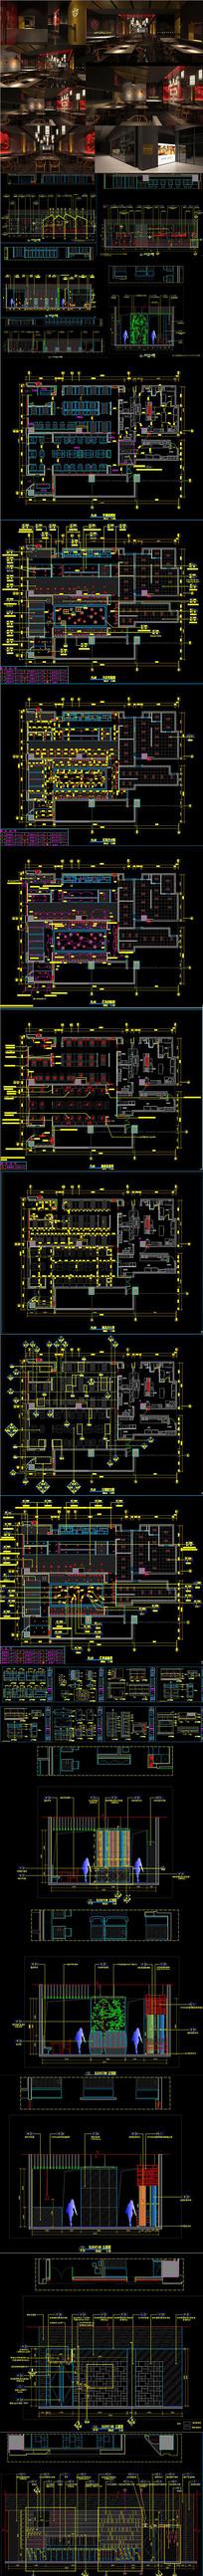 日式料理店CAD施工图 效果图